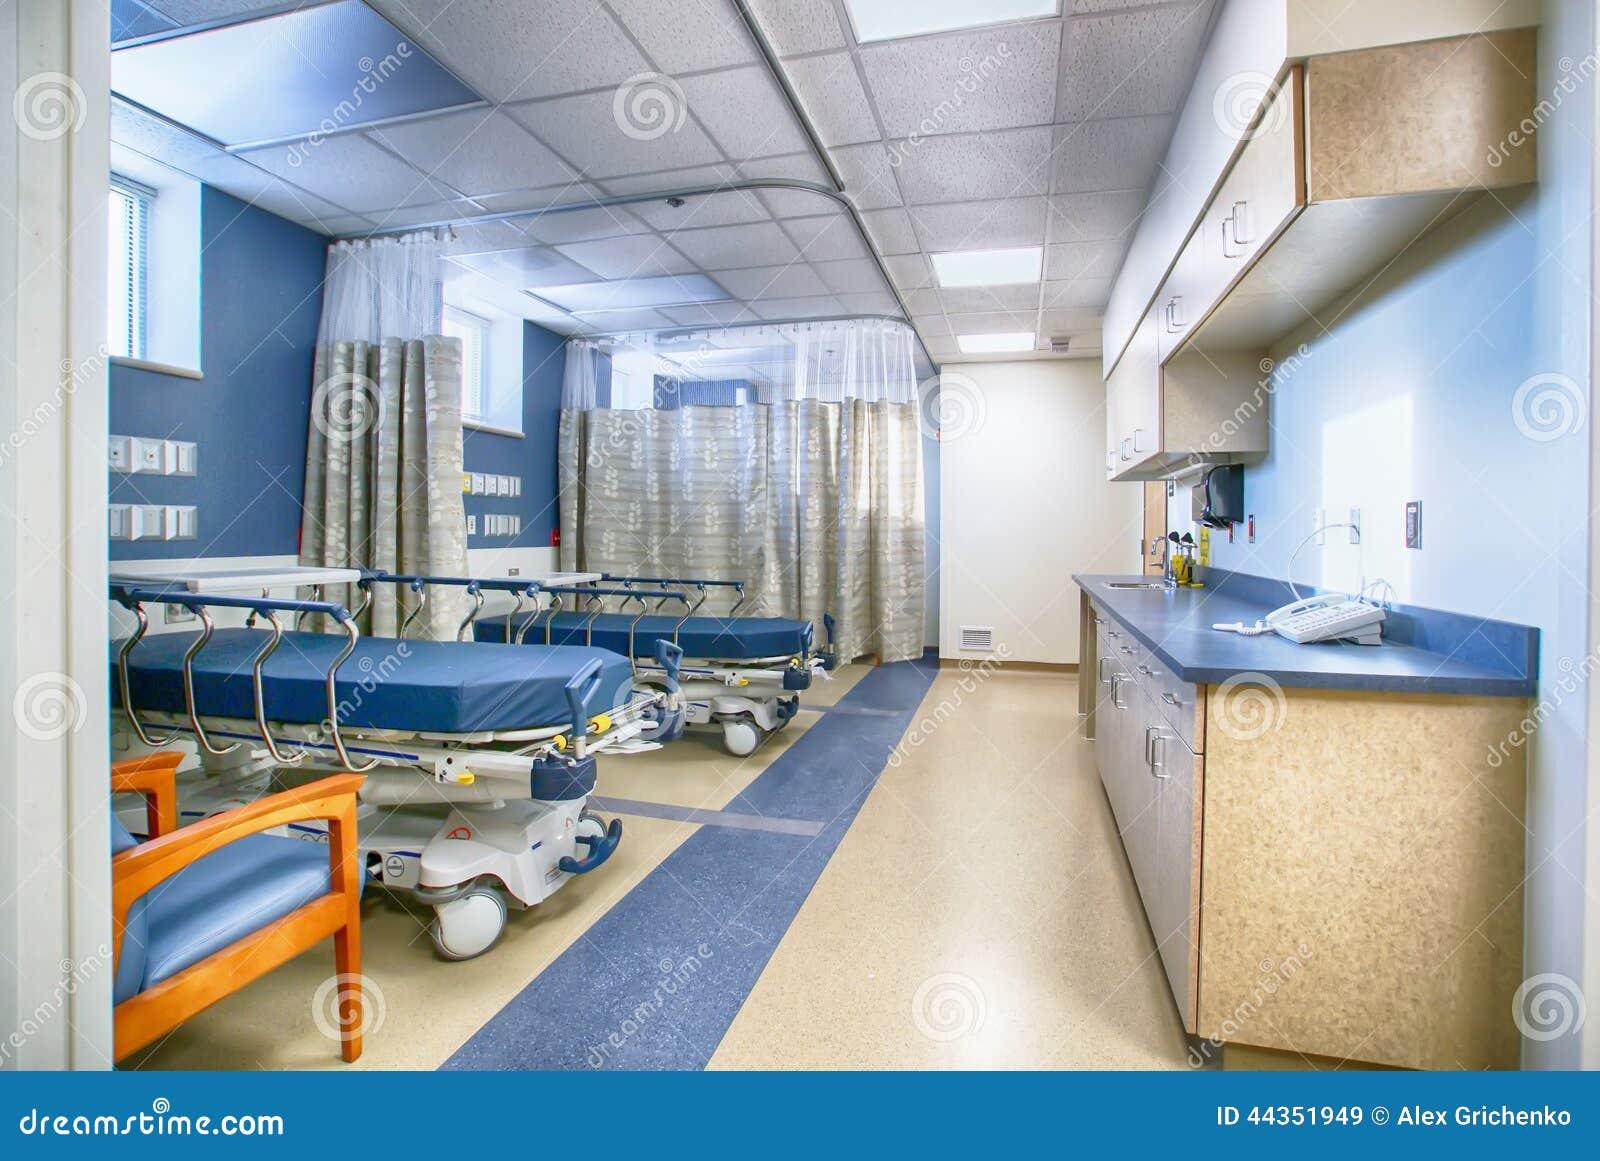 interno della stanza di ospedale vuota fotografia stock